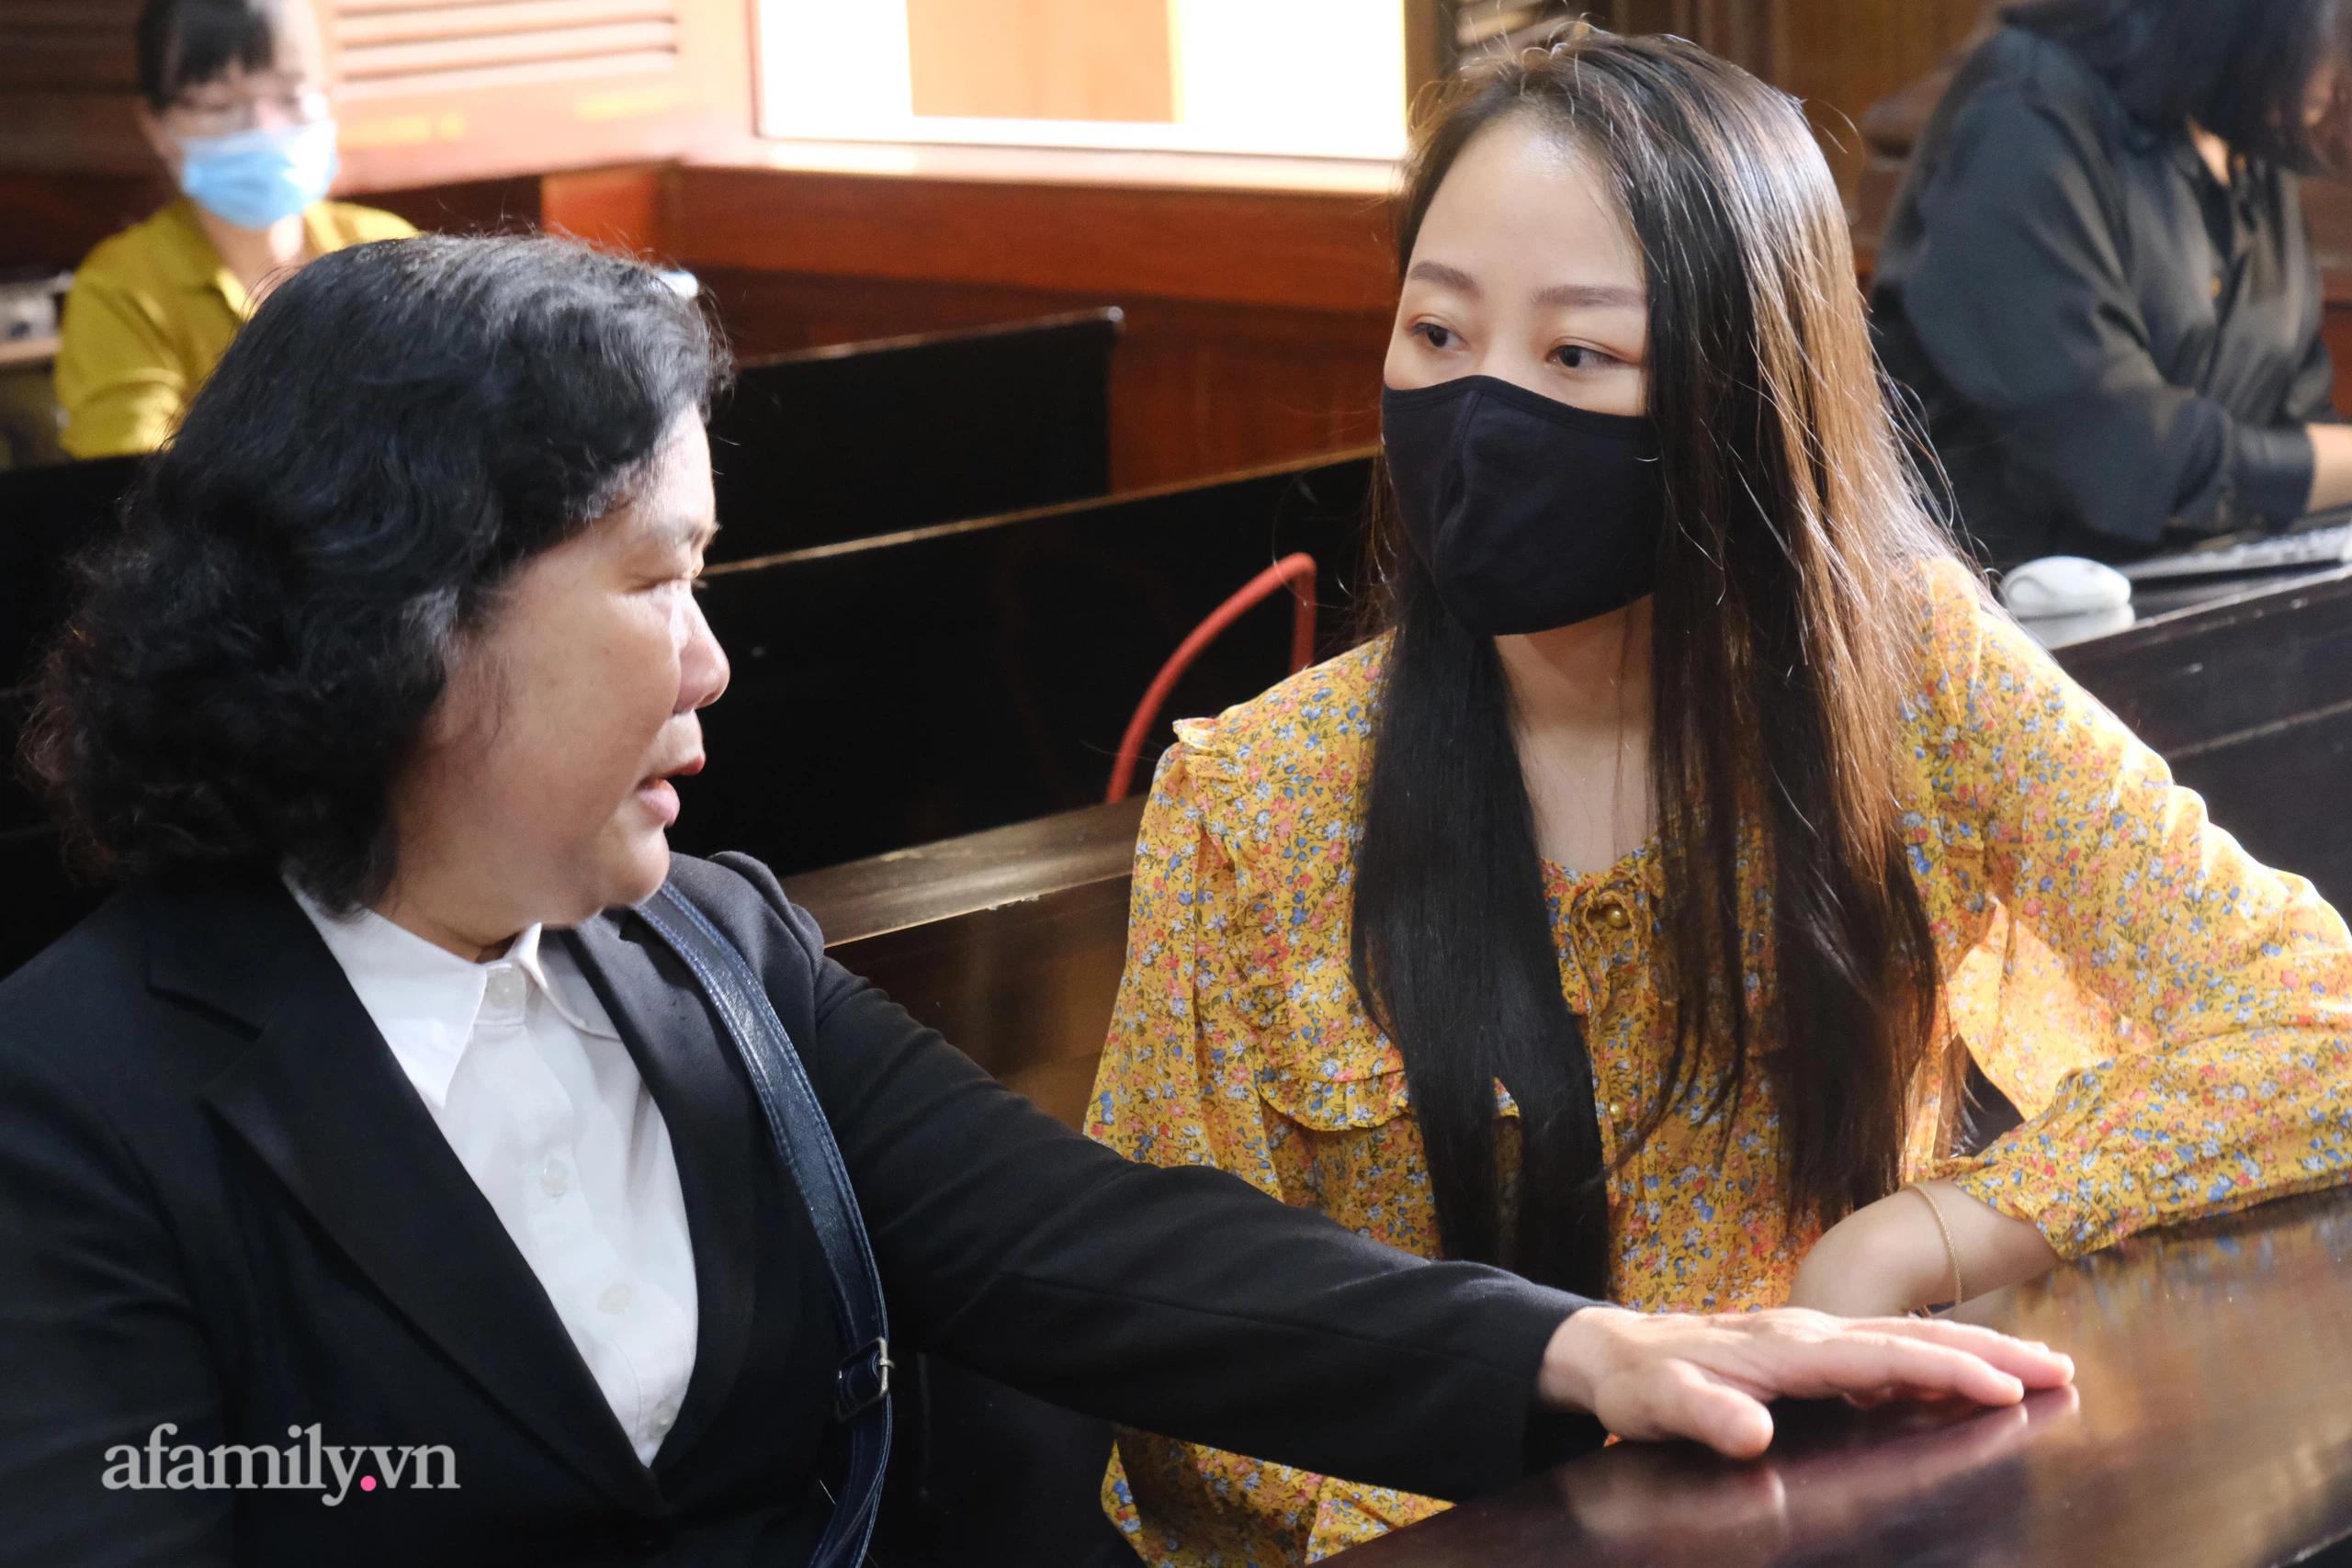 Nữ tiếp viên hàng không bị tông thương tật 79% khập khiễng đến tòa, cay đắng kể về cuộc sống hiện tại - Ảnh 3.